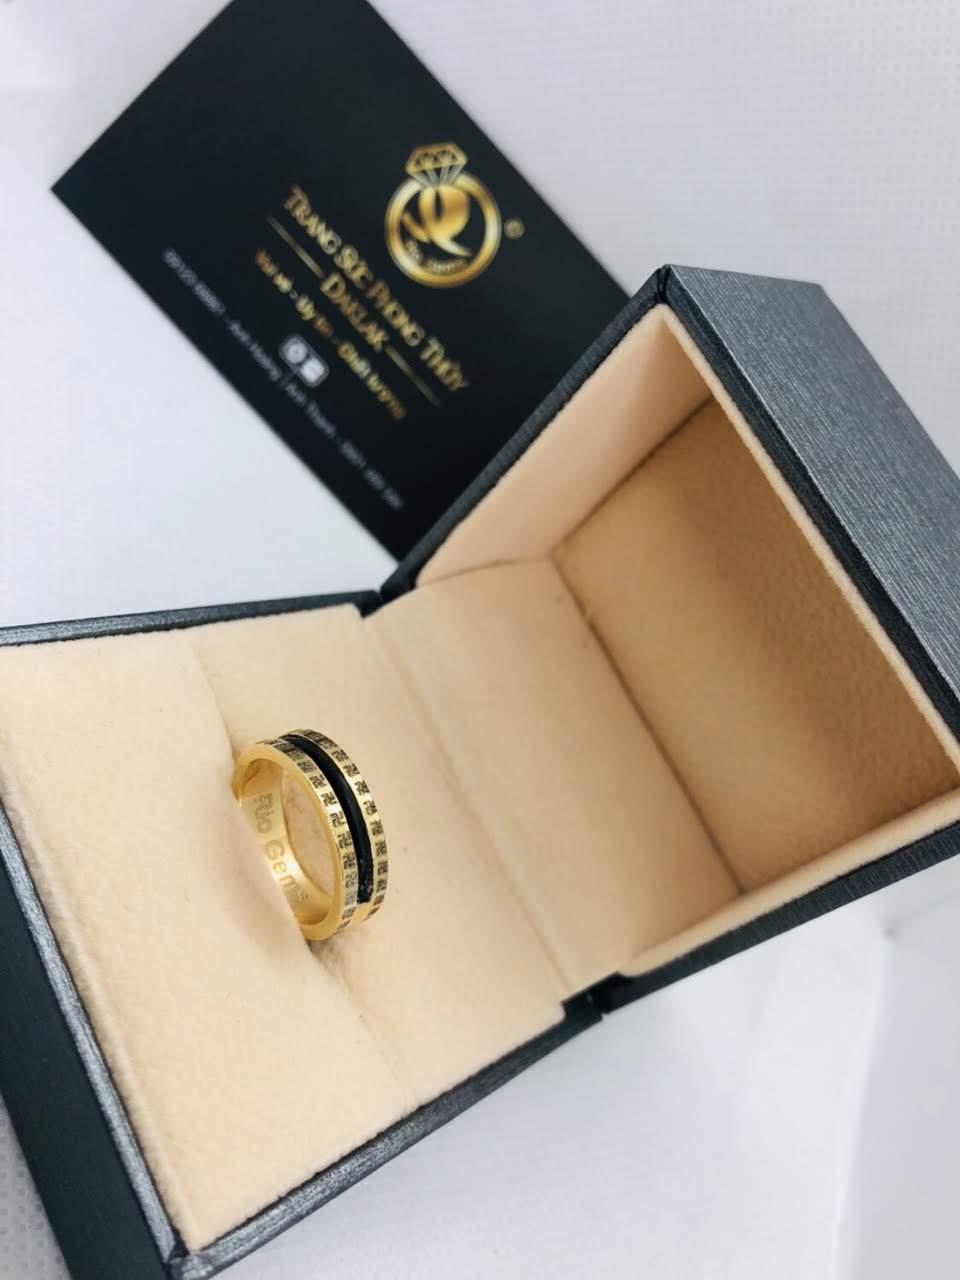 đeo nhẫn ngón giữa ý nghĩa gì